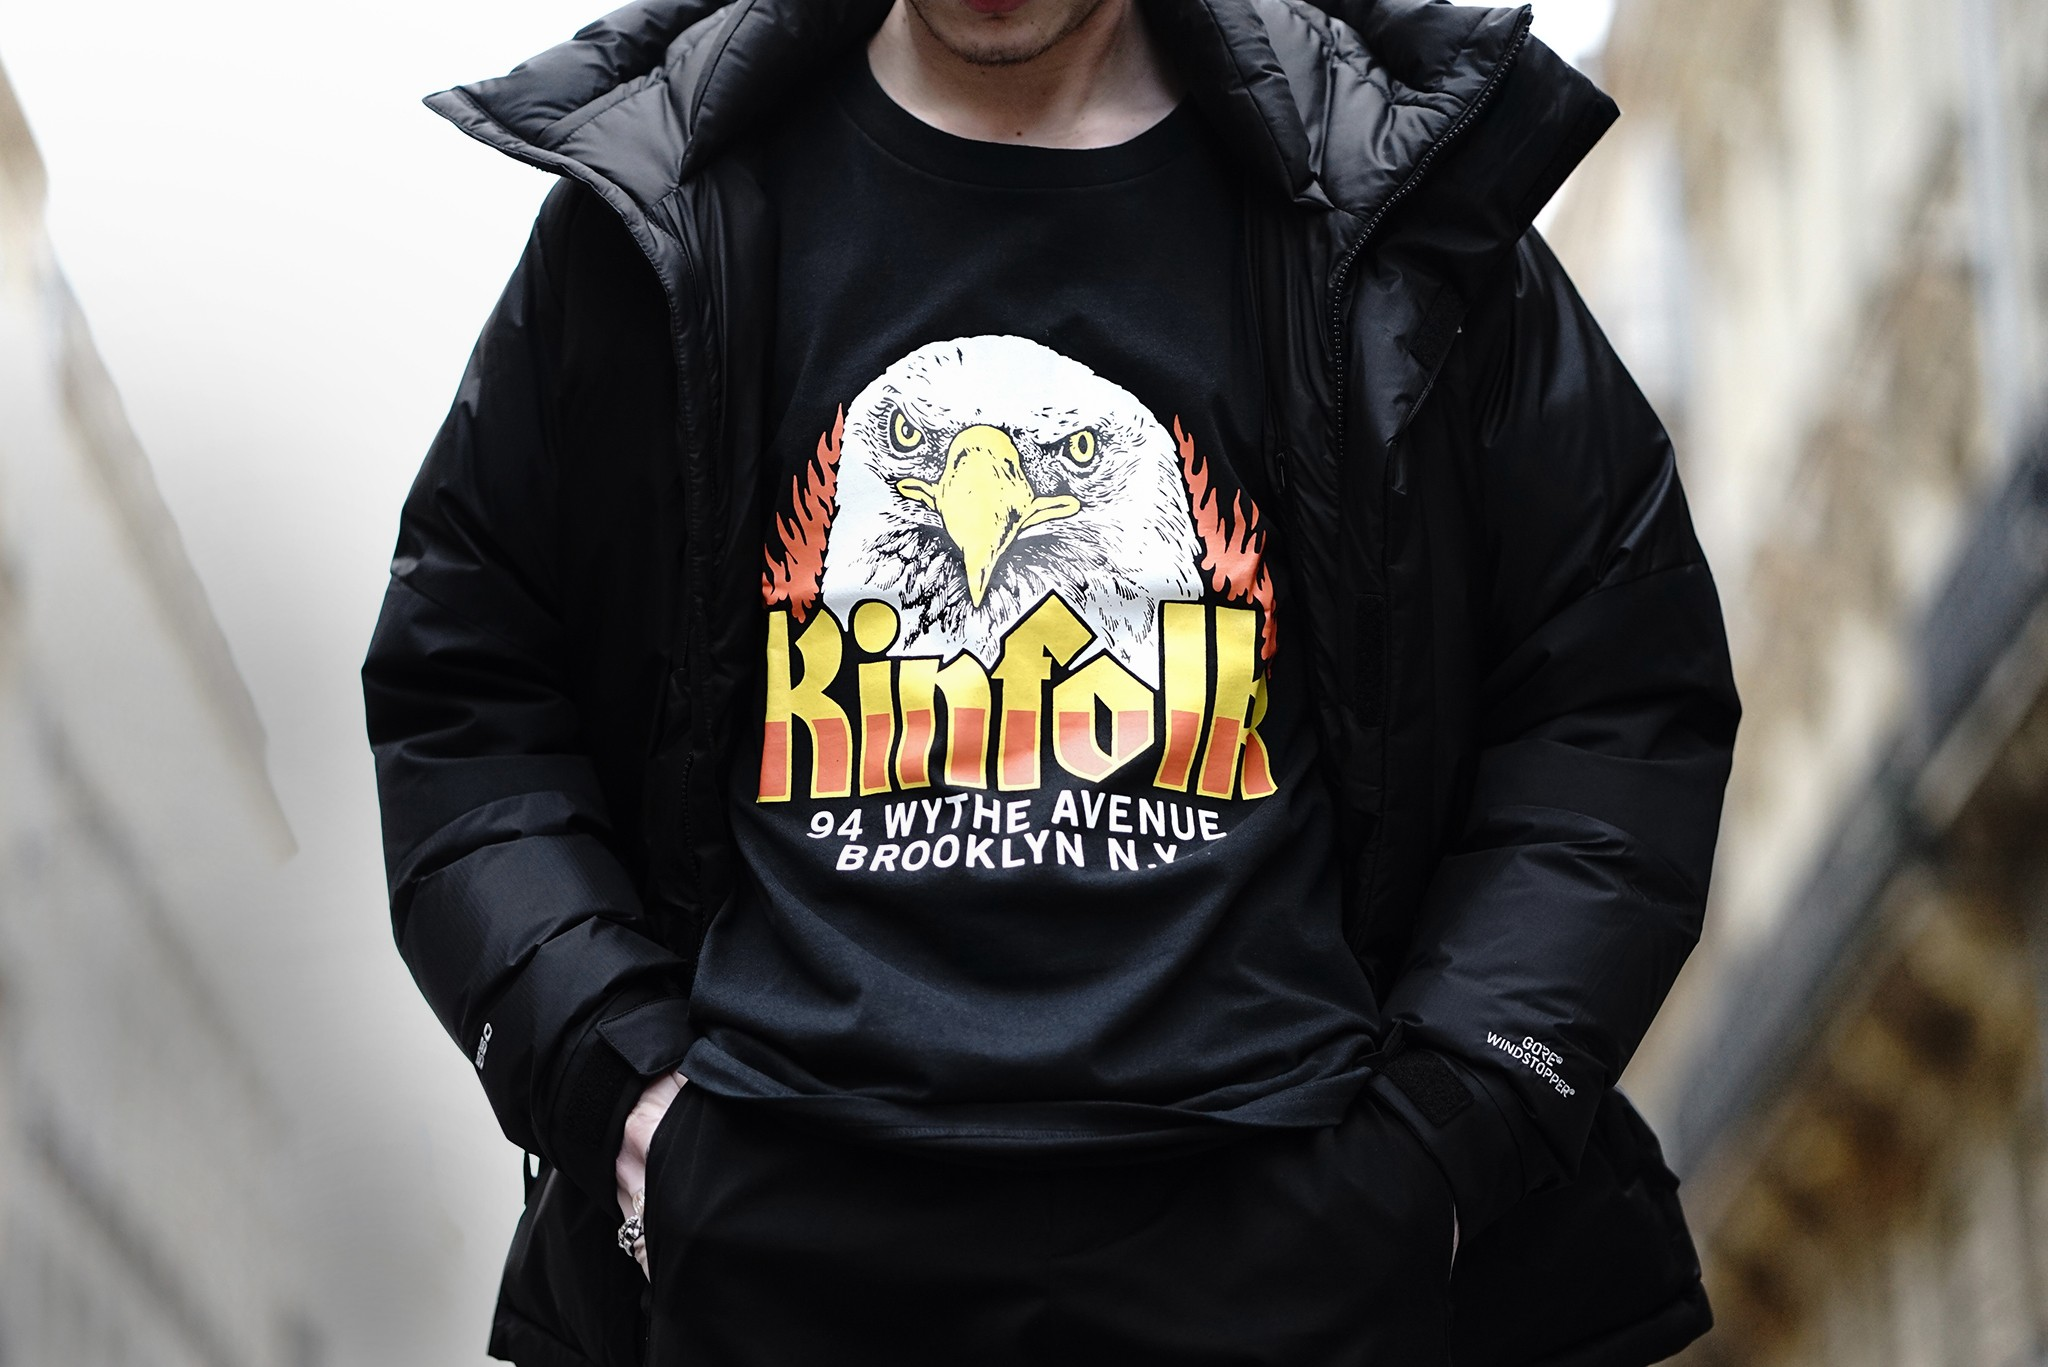 KINFOLK NOW AVAILABLE